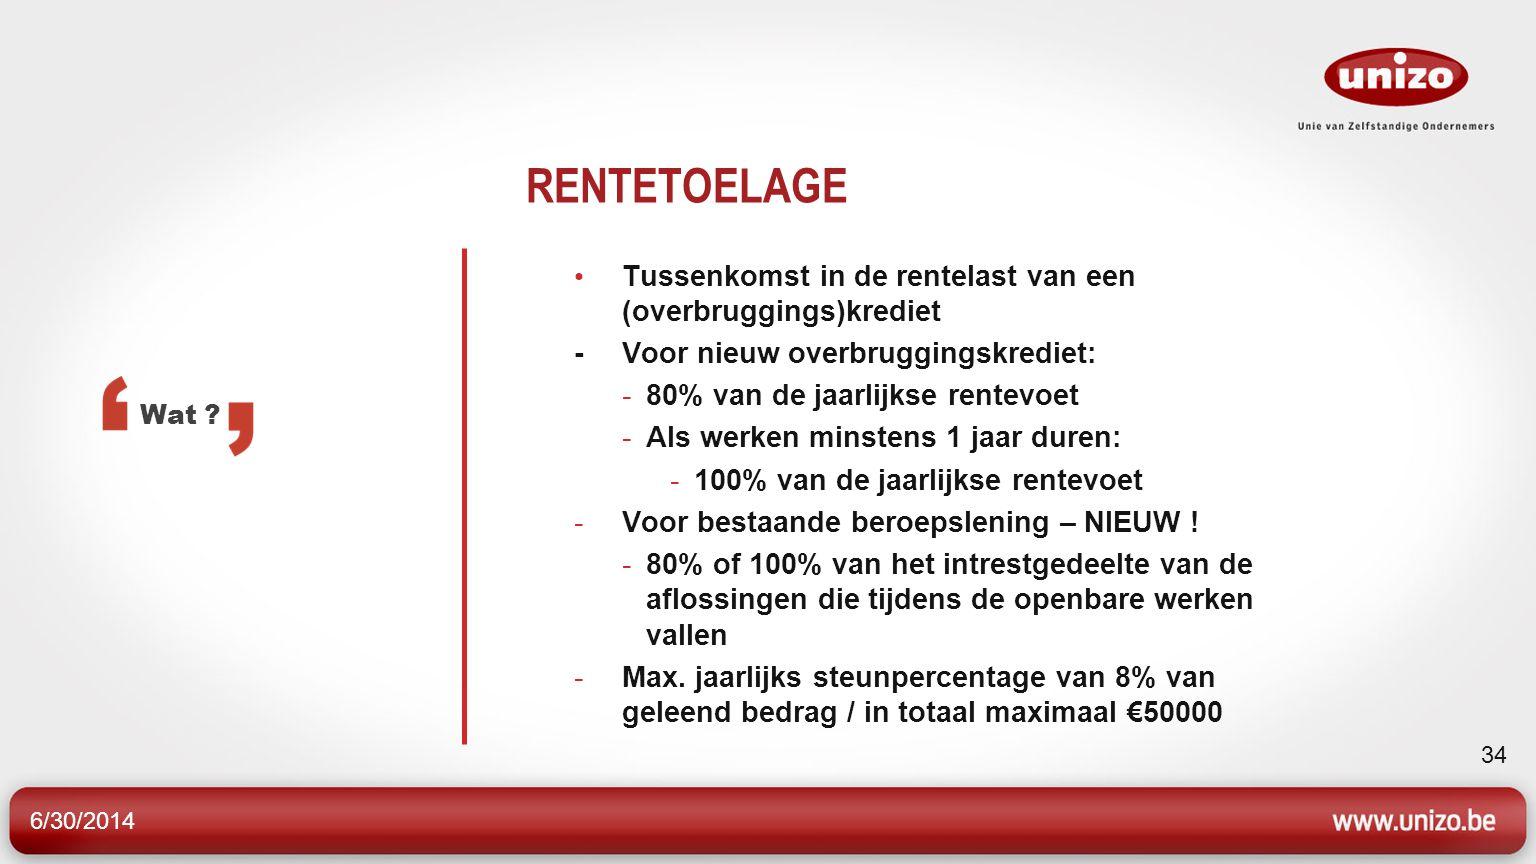 6/30/2014 34 RENTETOELAGE • Tussenkomst in de rentelast van een (overbruggings)krediet - Voor nieuw overbruggingskrediet: -80% van de jaarlijkse rentevoet -Als werken minstens 1 jaar duren: -100% van de jaarlijkse rentevoet -Voor bestaande beroepslening – NIEUW .